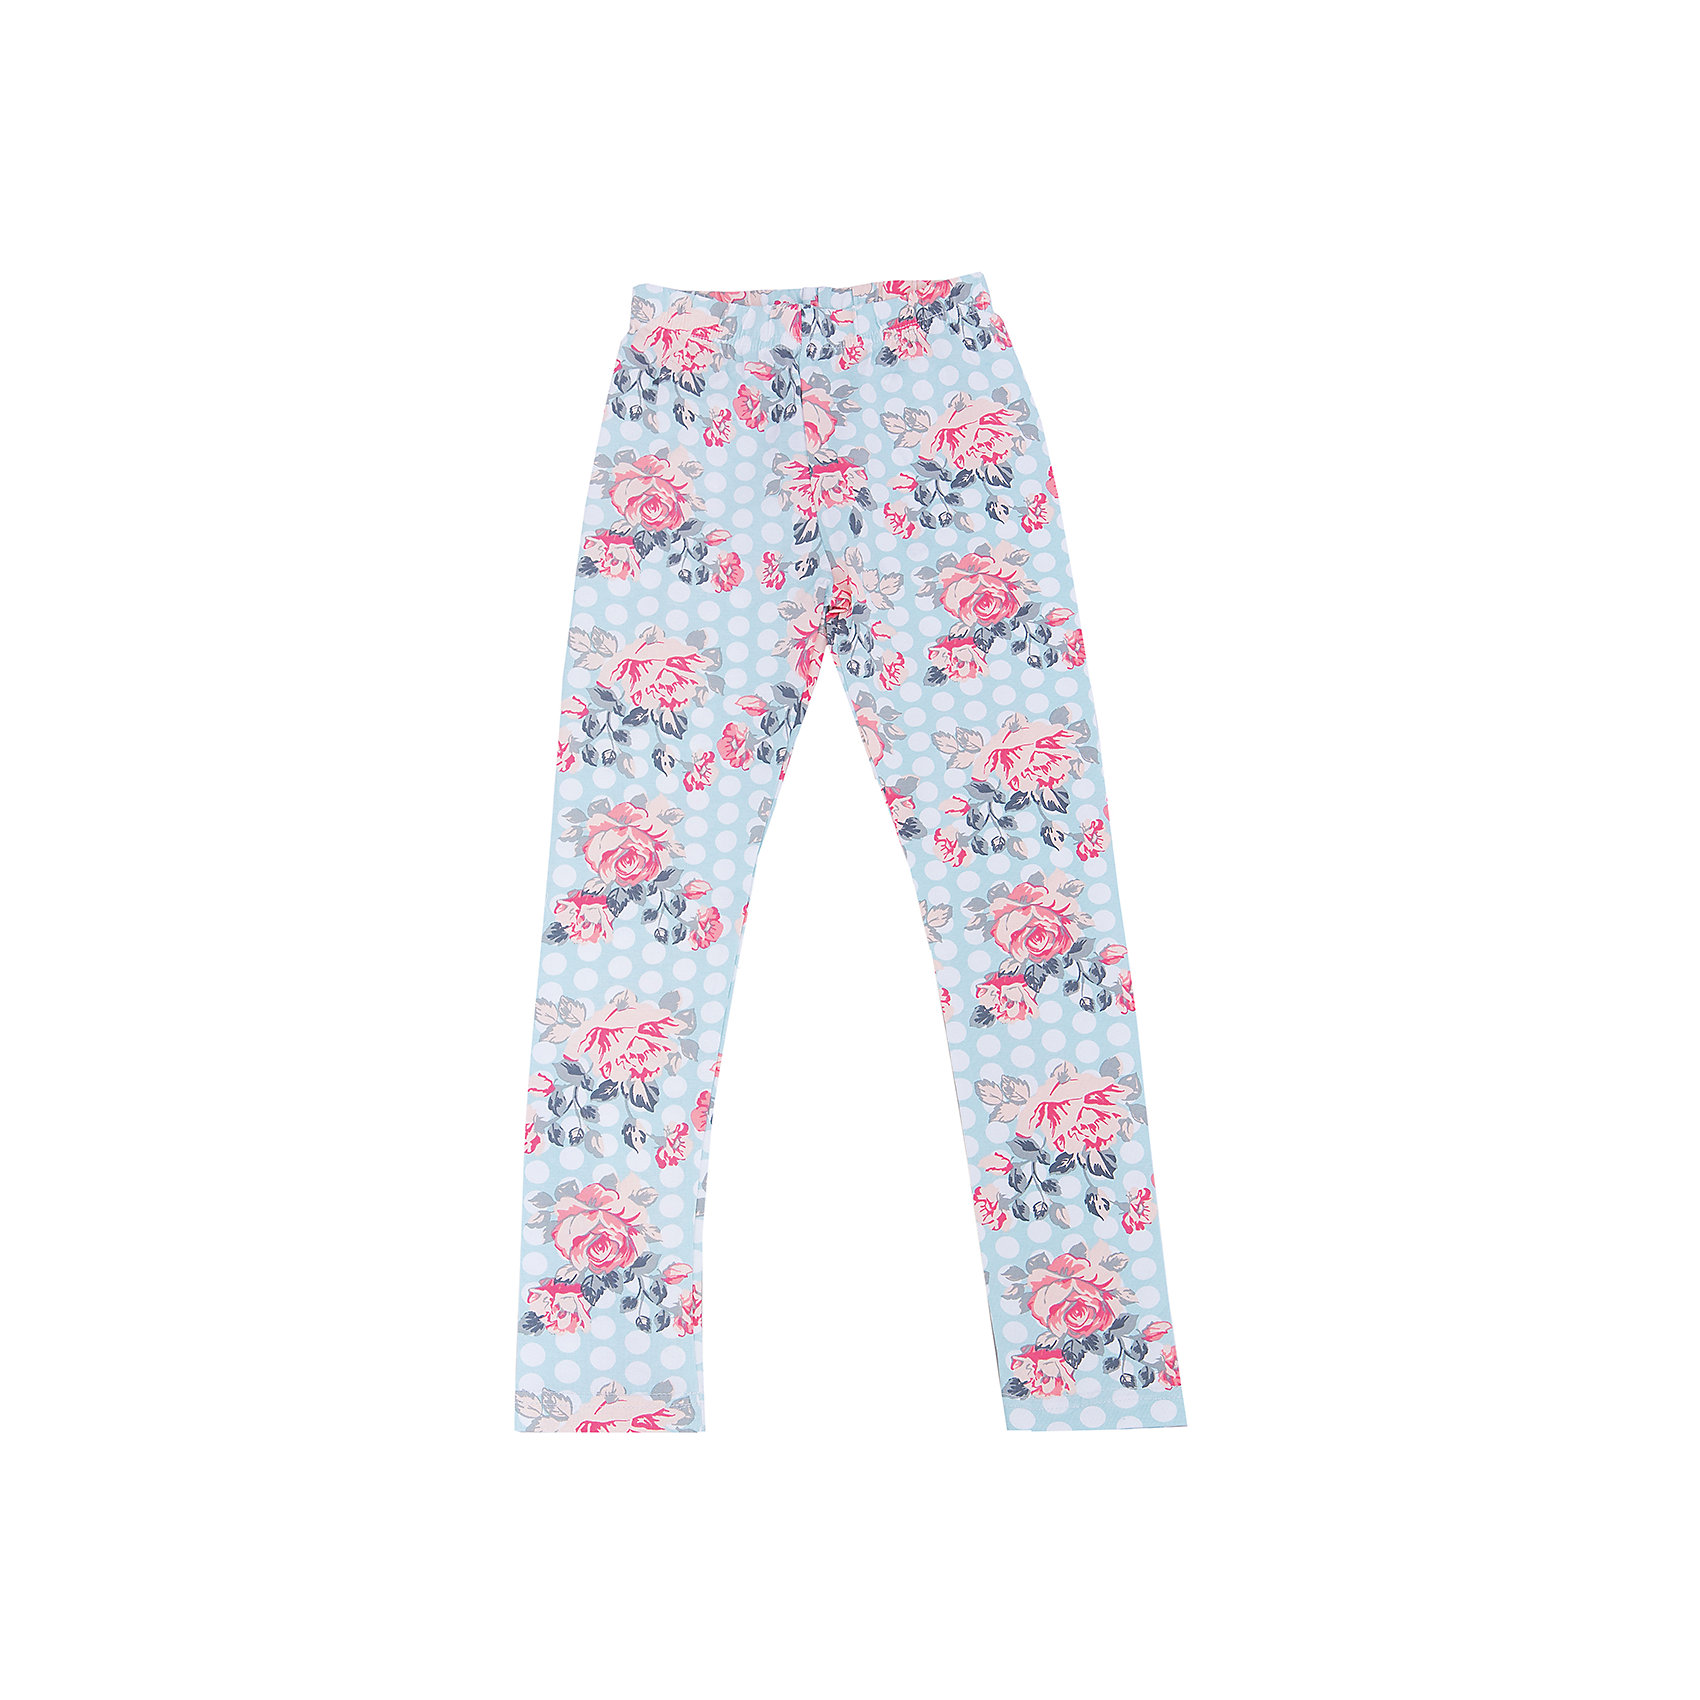 Леггинсы для девочки Sweet BerryЛеггинсы<br>Леггинсы – удобная одежда для дома или занятий спортом. Приятный материал обеспечивает комфорт на протяжении всего времени ношения вещи. Модный принт в цветок– отличительная особенность модели. Пояс выполнен из внутренней резинки. Леггинсы не имеют твердых вставок, поэтому подходят в качестве варианта одежды для сна. Нежный цвет подойдет ко многим детским вещам. Материалы, использованные при изготовлении одежды, полностью безопасны для детей и отвечают всем требованиям по качеству продукции данной категории.<br><br>Дополнительная информация: <br><br>пояс на резинке;<br>модный принт;<br>прямой крой;<br>цвет: голубой;<br>материал: хлопок 95%, эластан 5%.<br><br>Леггинсы для девочки от компании Sweet Berry можно приобрести в нашем магазине.<br><br>Ширина мм: 123<br>Глубина мм: 10<br>Высота мм: 149<br>Вес г: 209<br>Цвет: голубой<br>Возраст от месяцев: 36<br>Возраст до месяцев: 48<br>Пол: Женский<br>Возраст: Детский<br>Размер: 104,98,110,116,122,128<br>SKU: 4931953